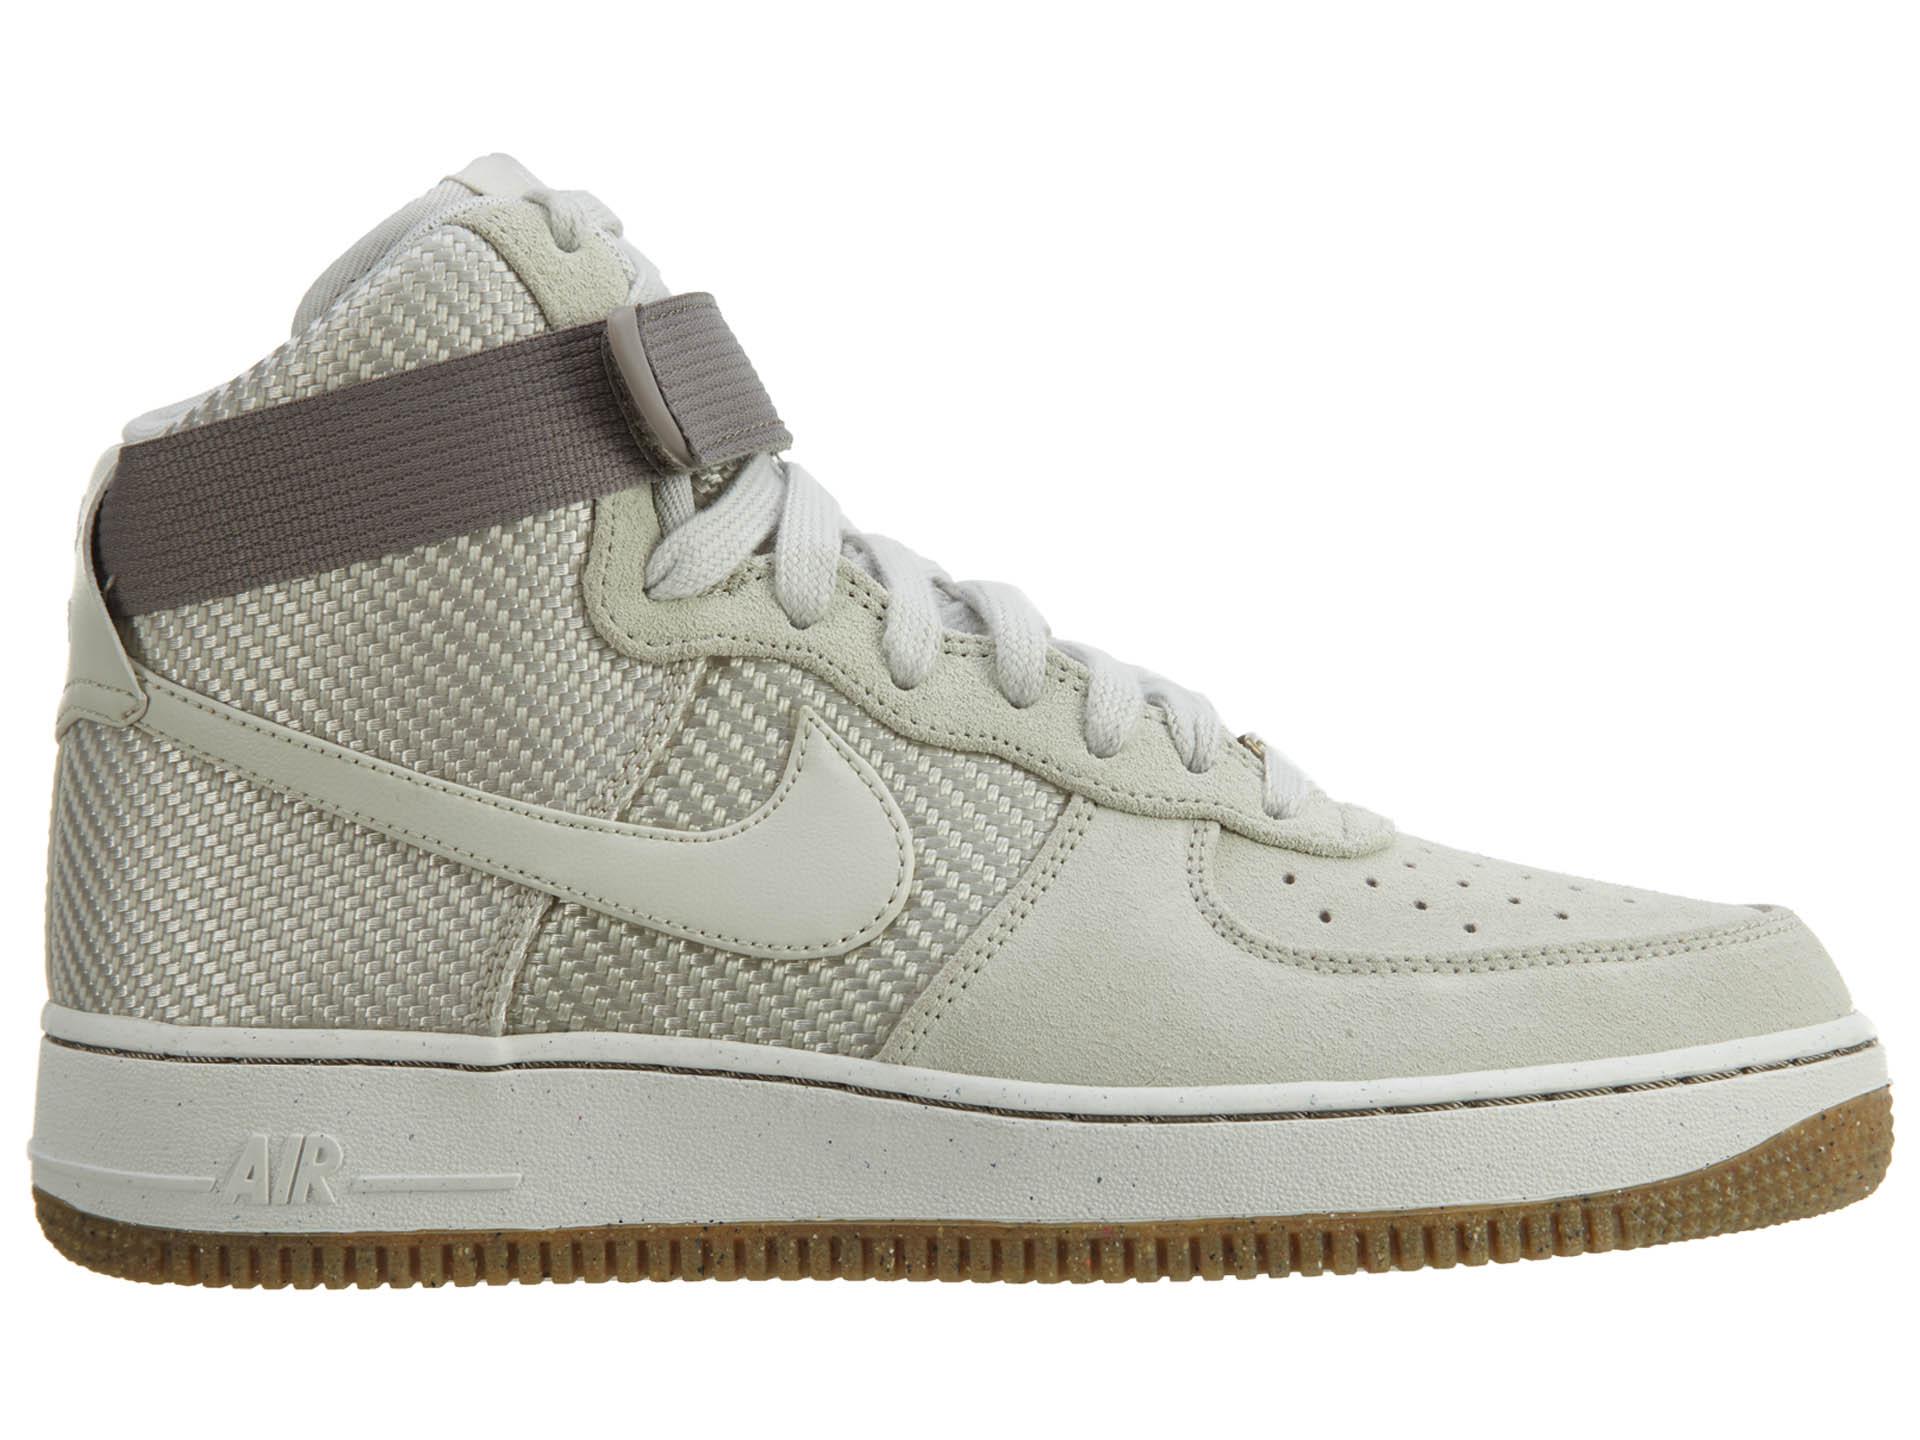 Nike Air Force 1 Hi Prm Light Bone Os